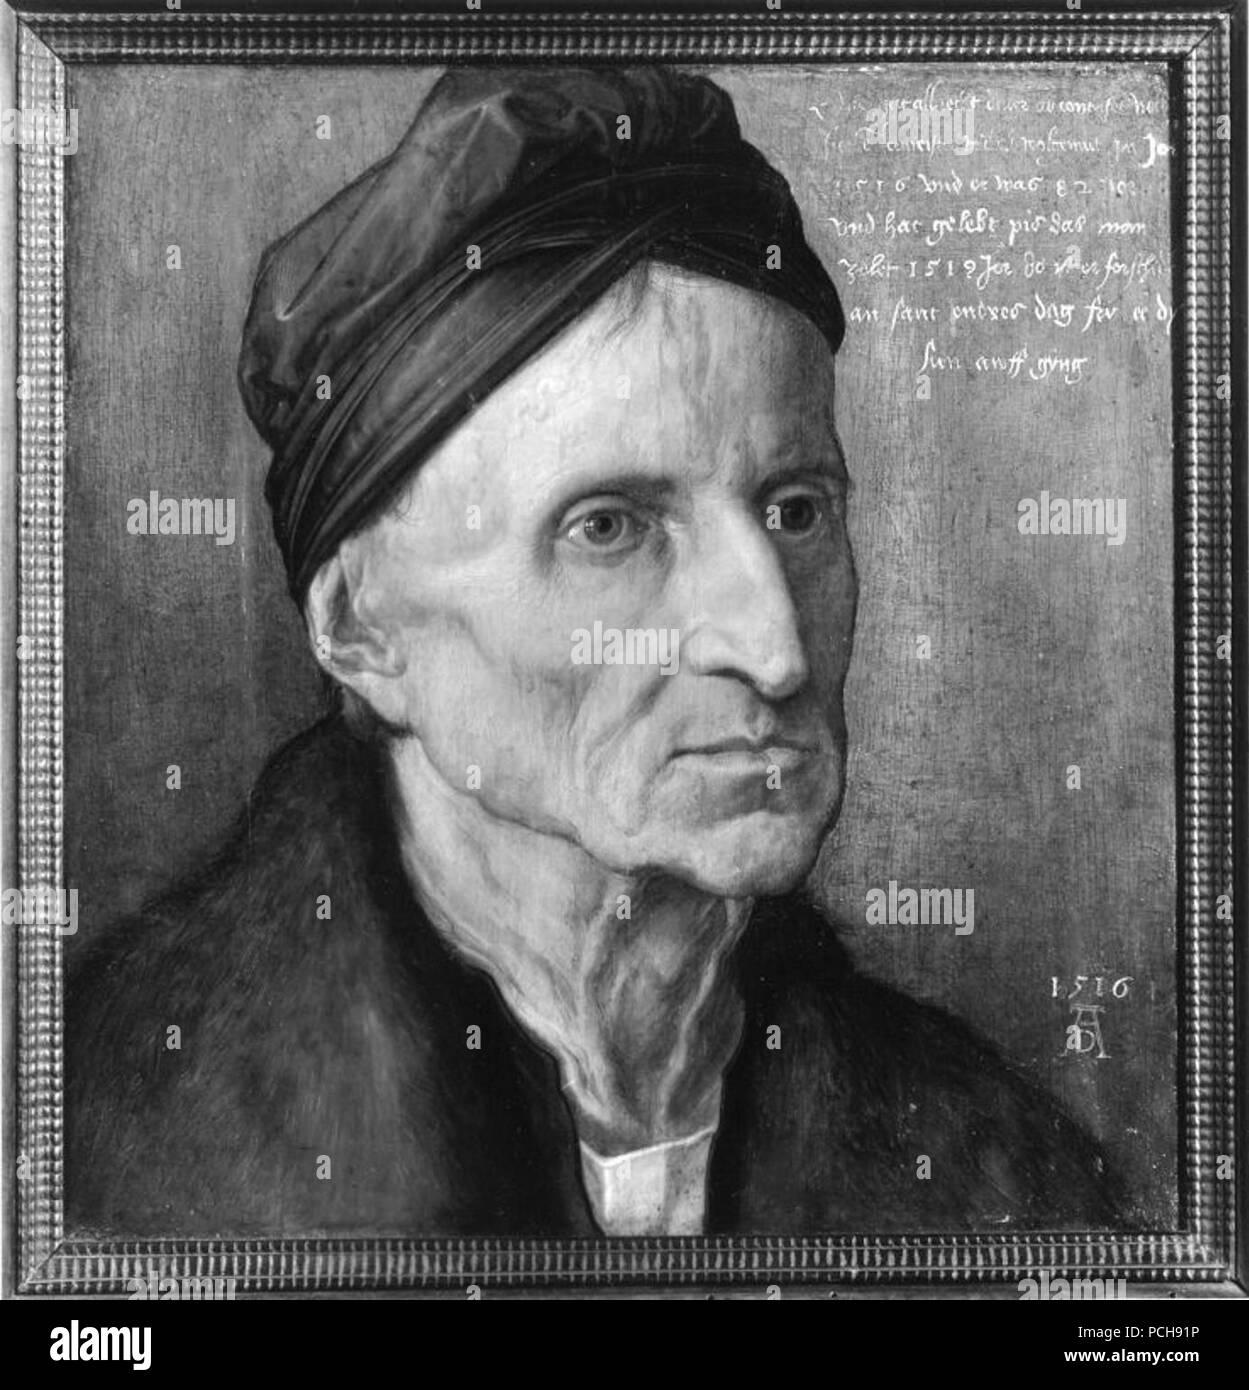 Albrecht Dürer - Bildnis Michael Wolgemut - 700 - - Stock Image